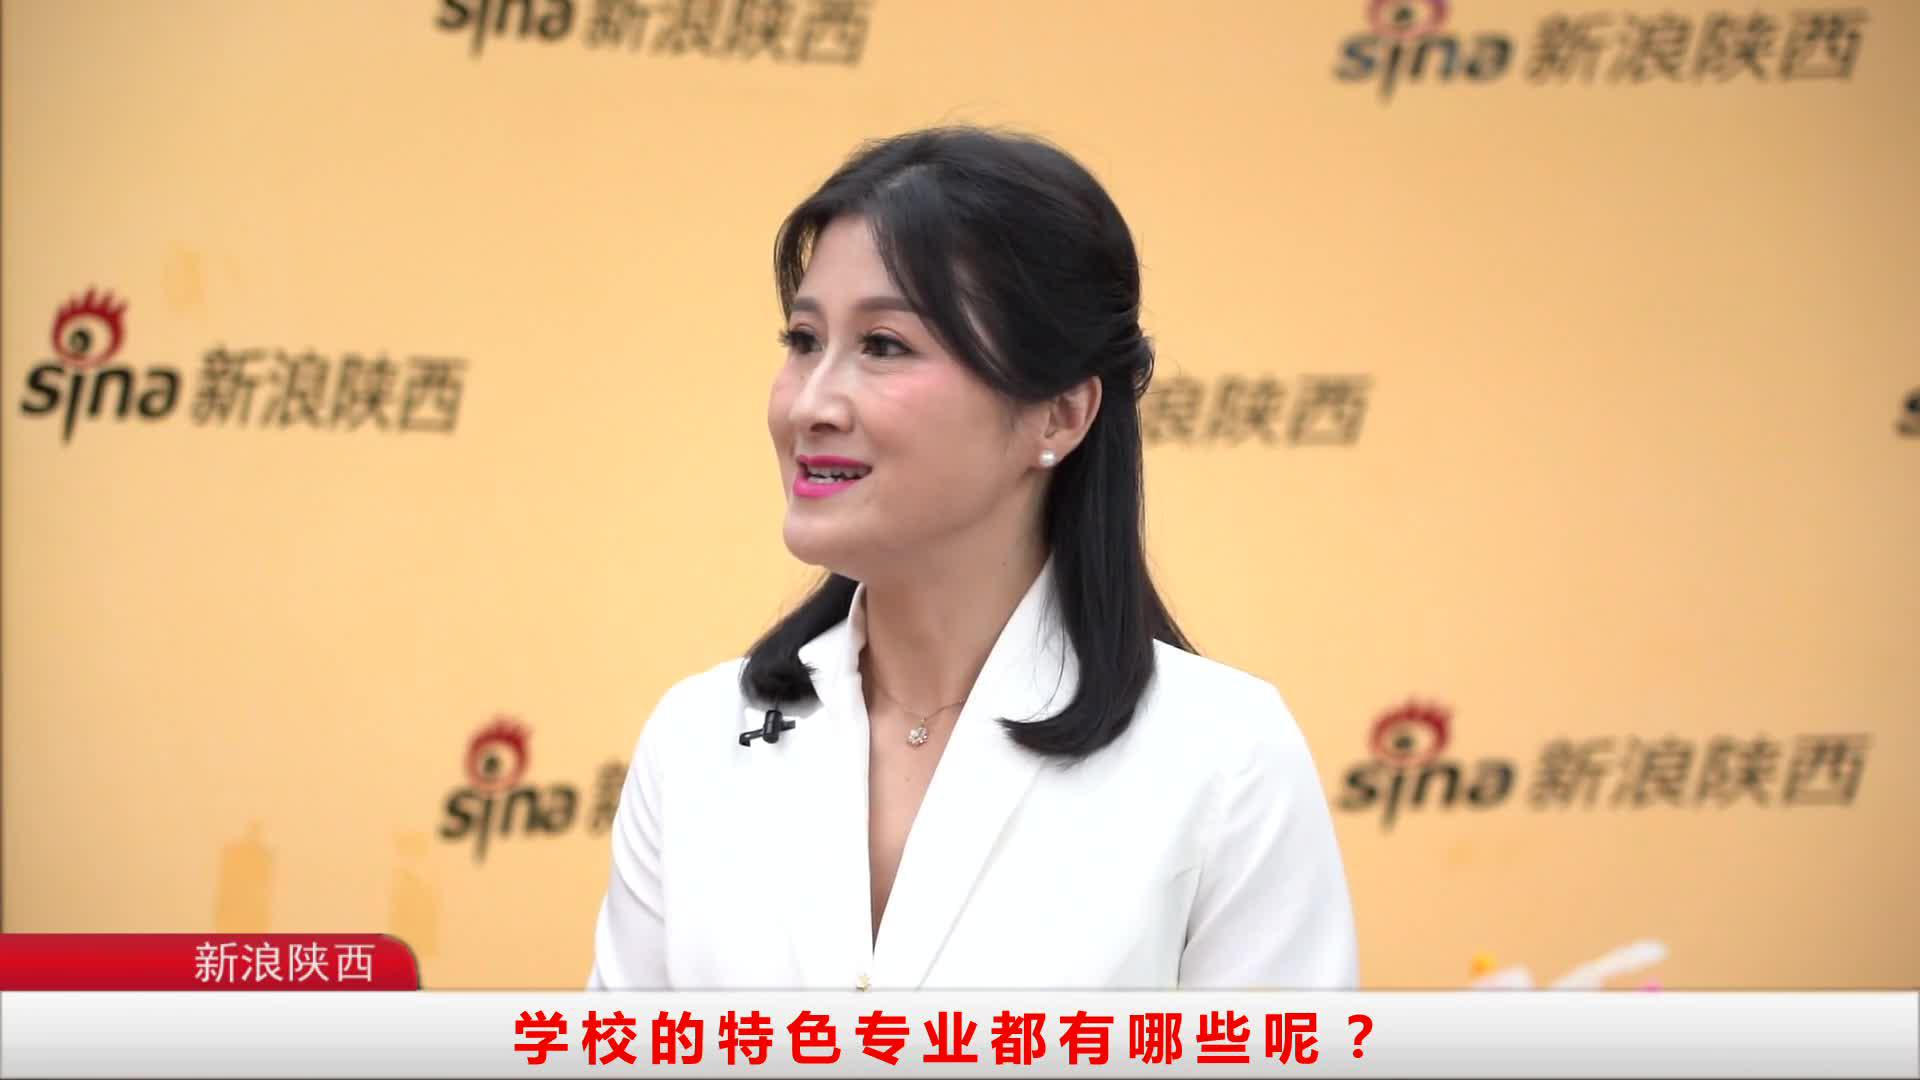 新浪陕西专访西安铁路职业技术学院李洁